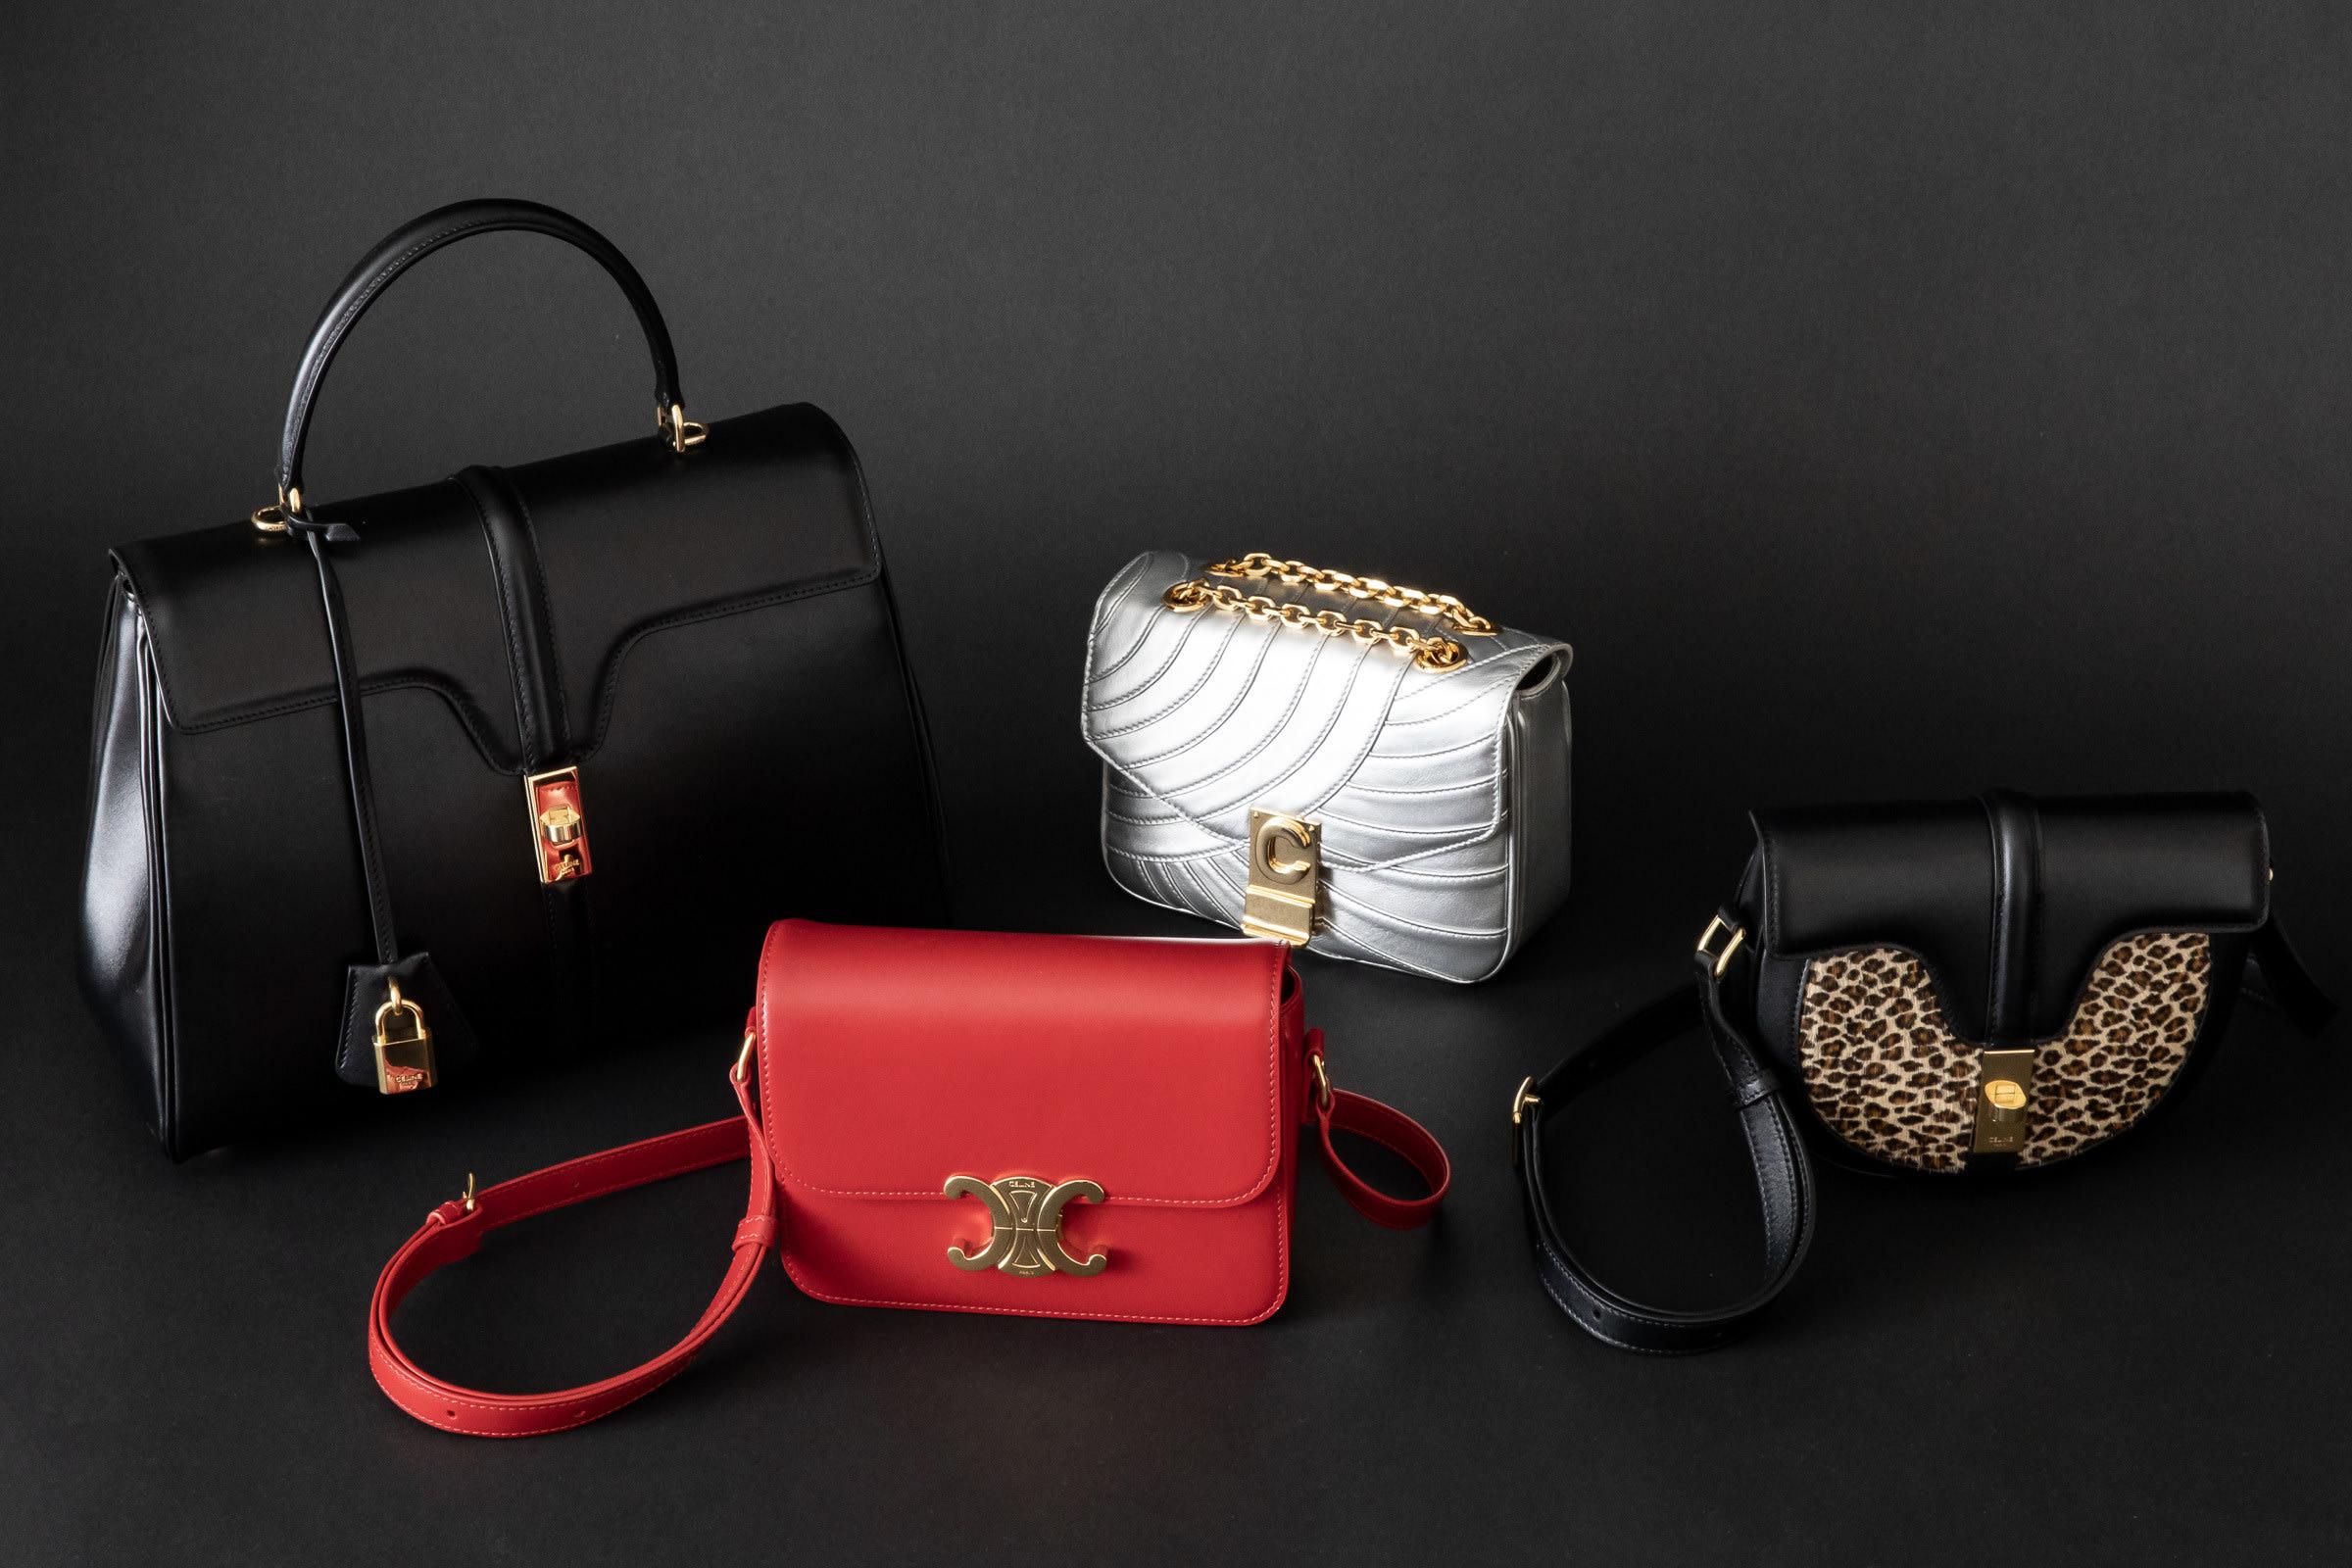 fb5cfb72084c 新時代のセリーヌを印象付けるのは『16<セーズ>』『TRIOMPHE<トリオンフ>』『C<セー>』のアイコニックなバッグの数々。エディのシグニチャーカラー